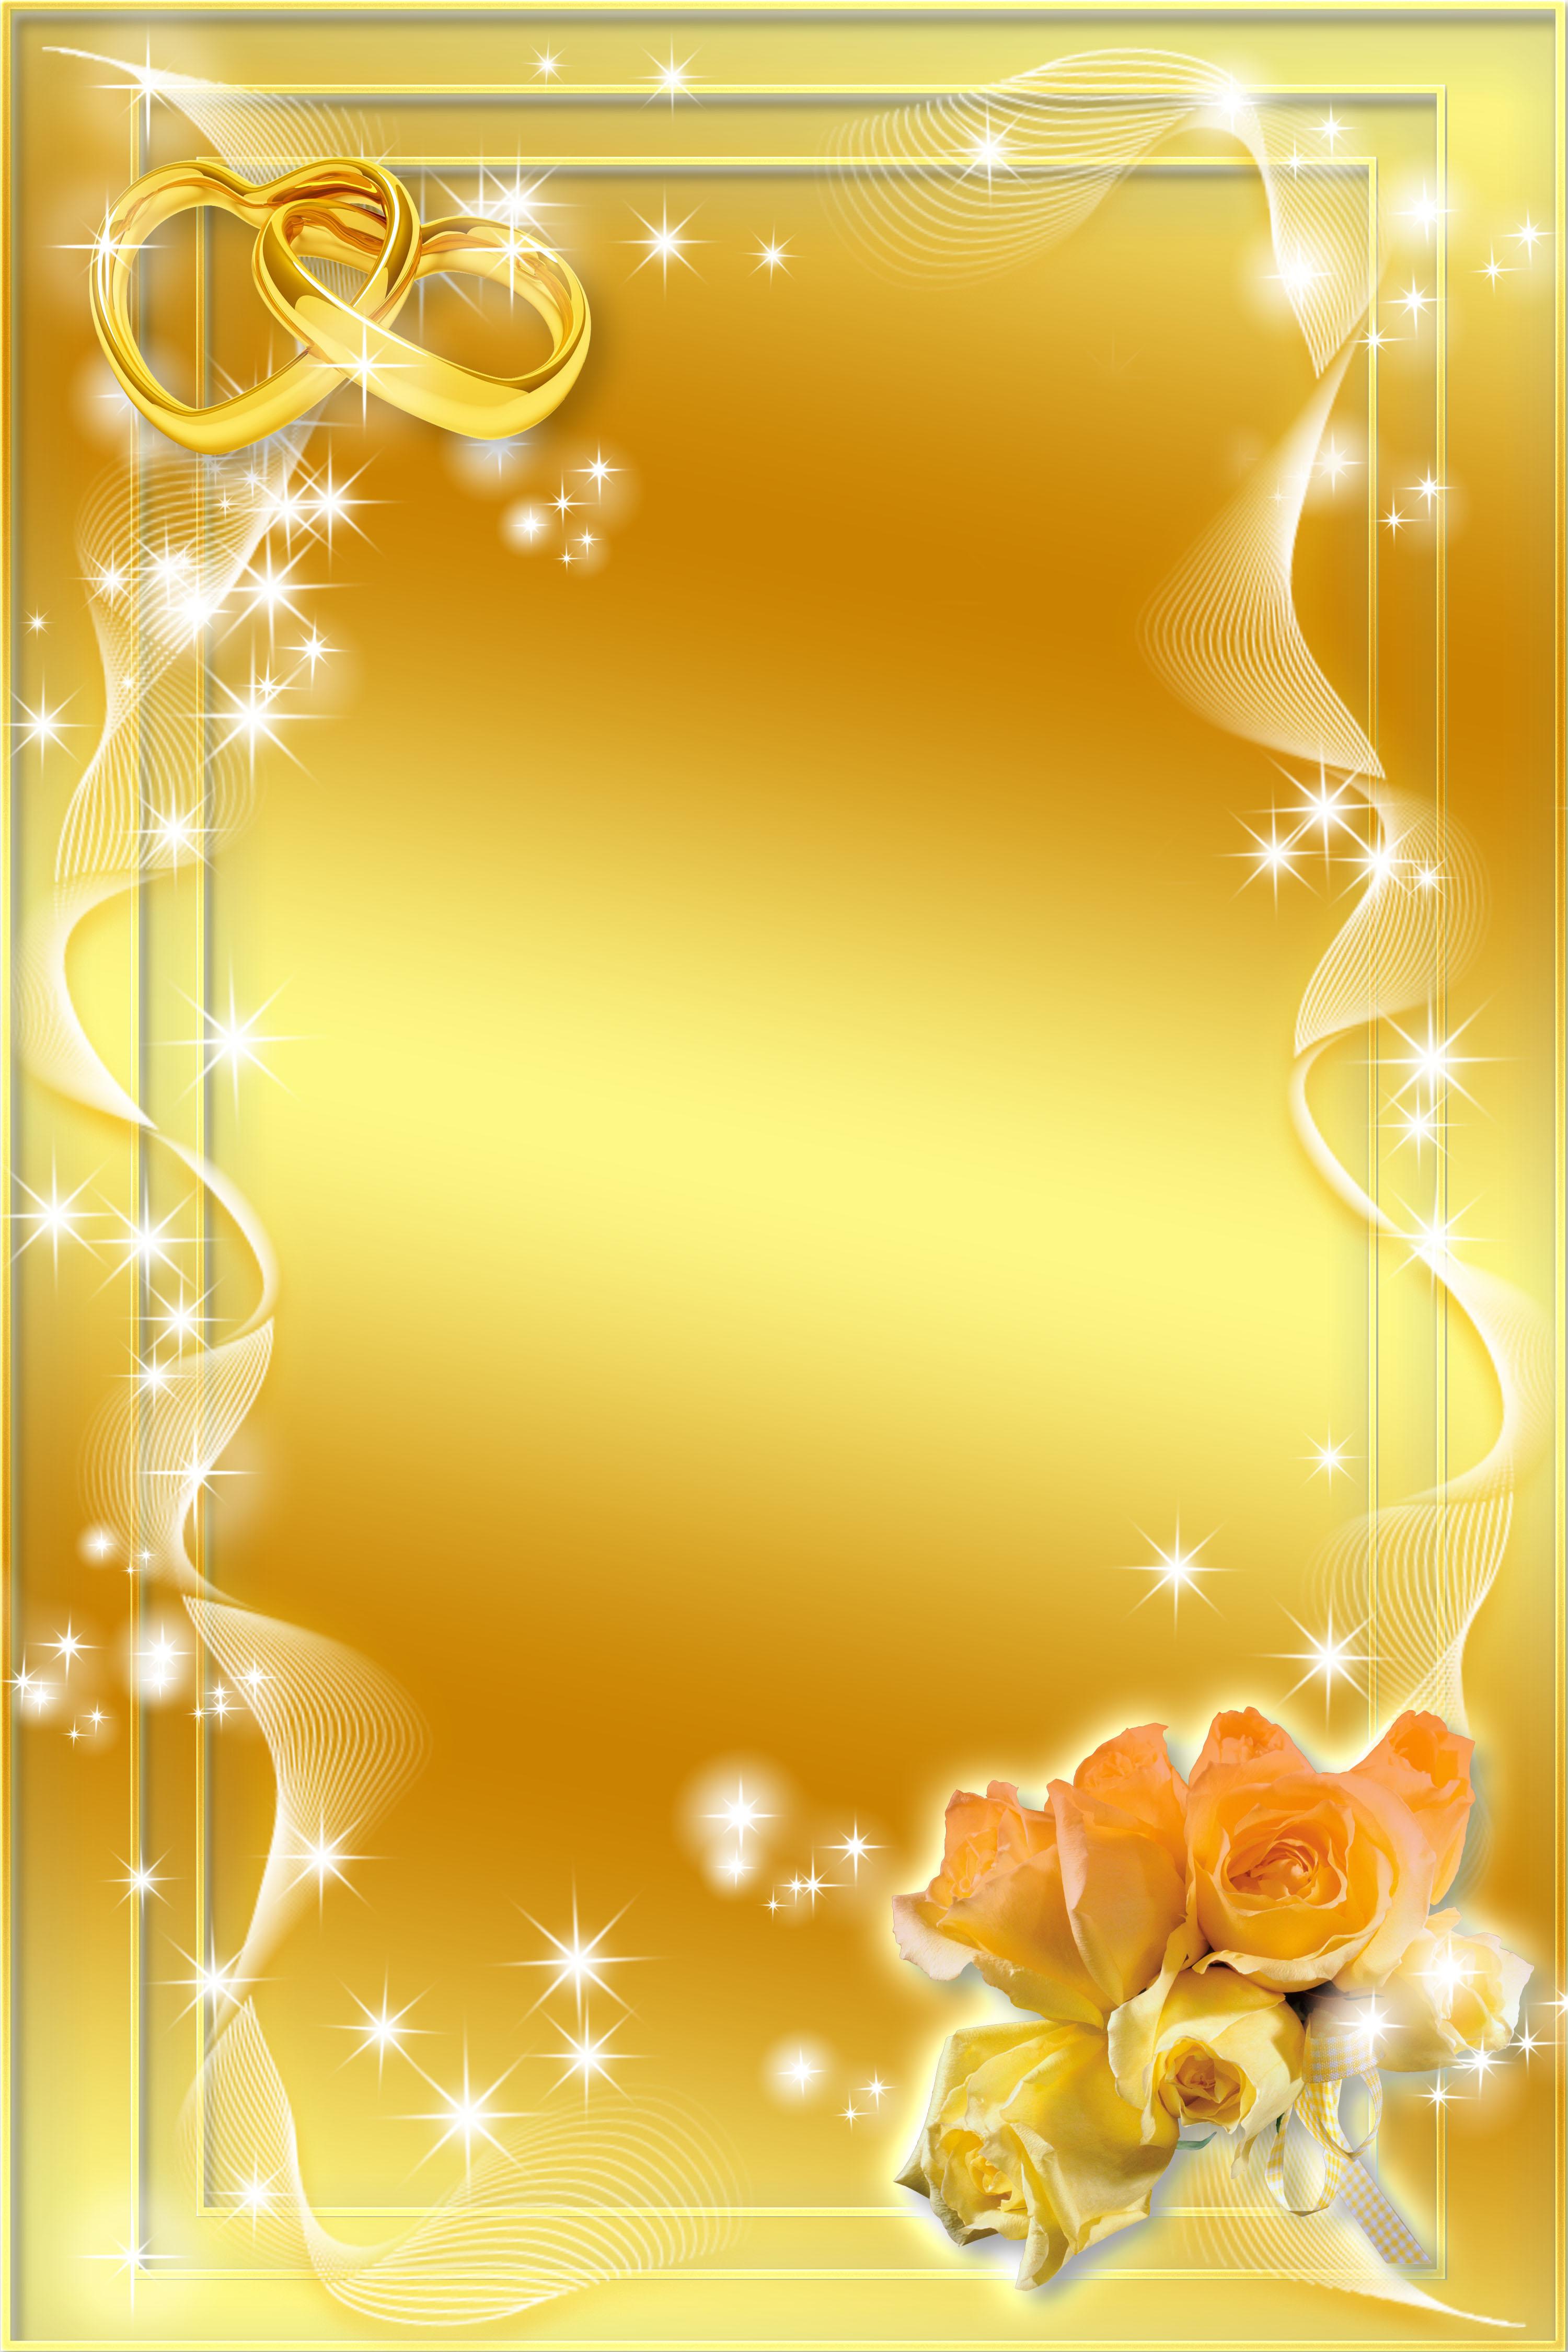 http://img-fotki.yandex.ru/get/6445/41771327.34e/0_86e32_a761b3b5_orig.jpg